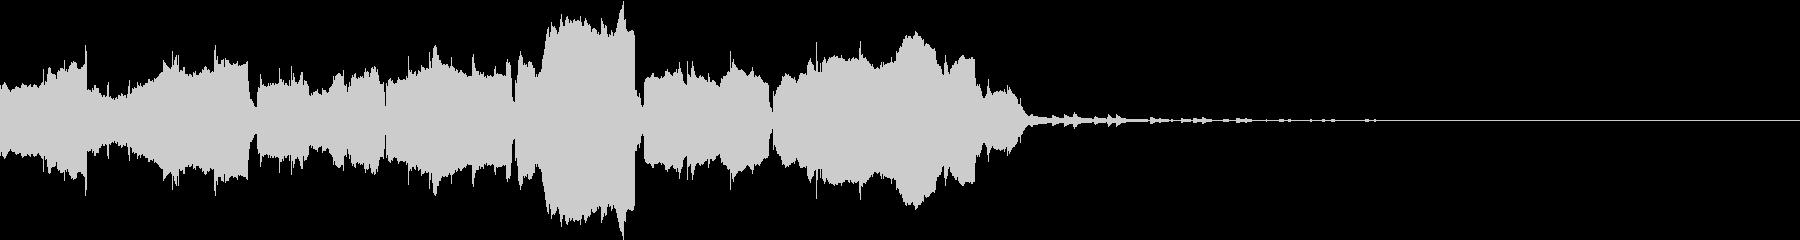 夕方の街頭チャイム 二胡 民族音楽風の未再生の波形